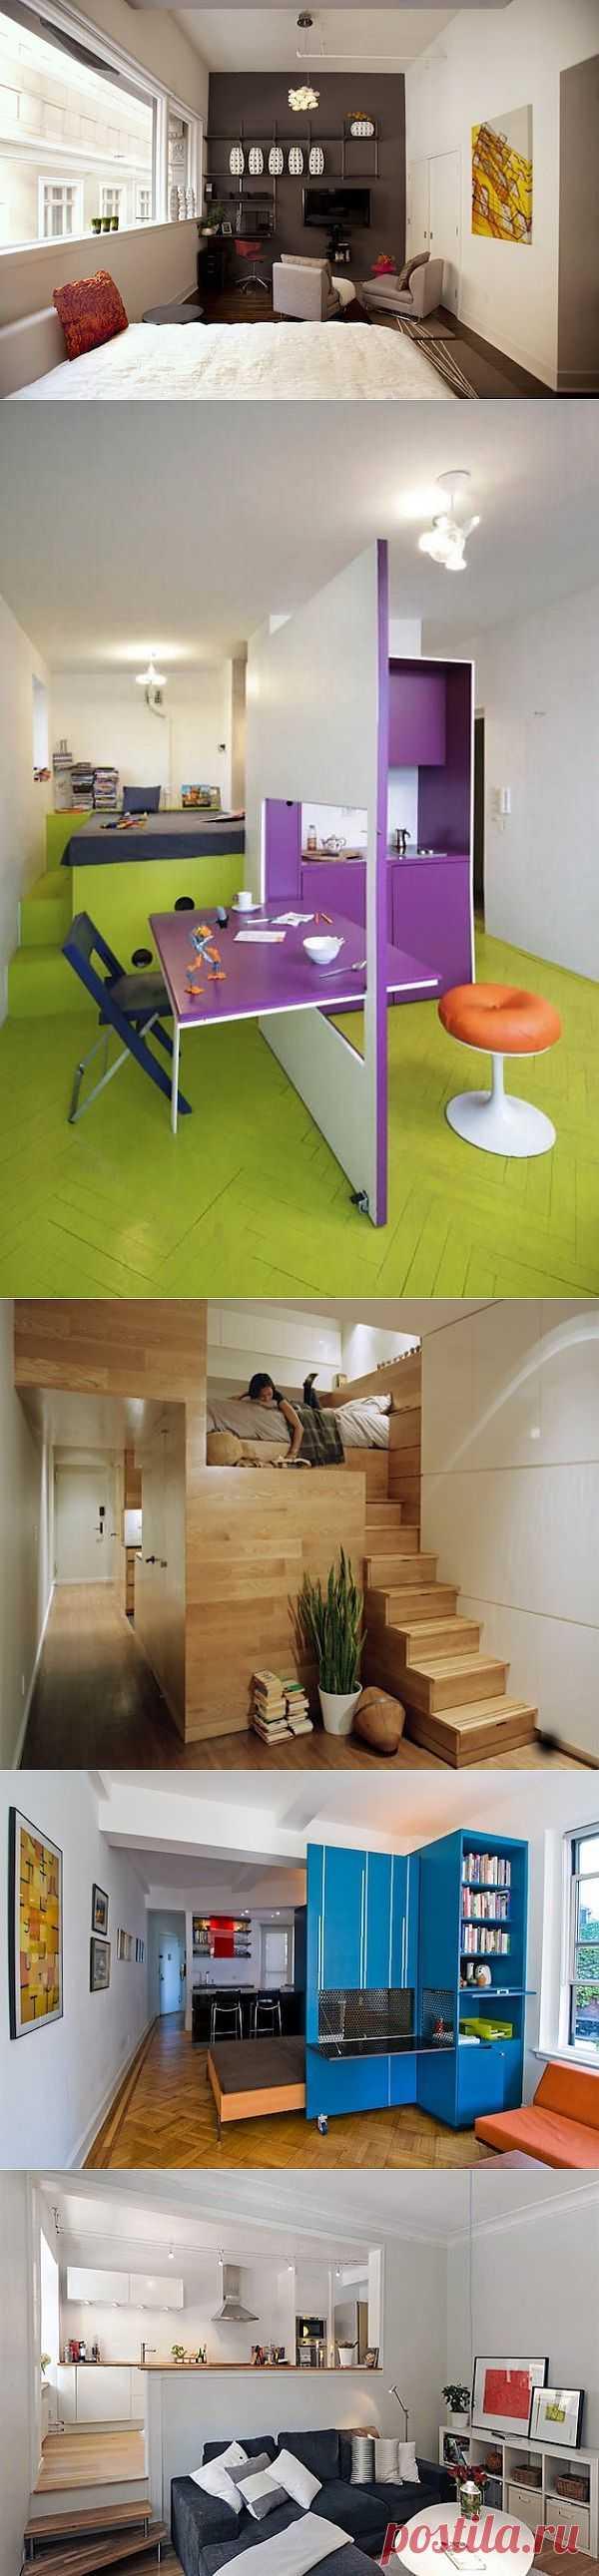 Идеи интерьера для маленькой комнаты » Журнал интерьерных находок